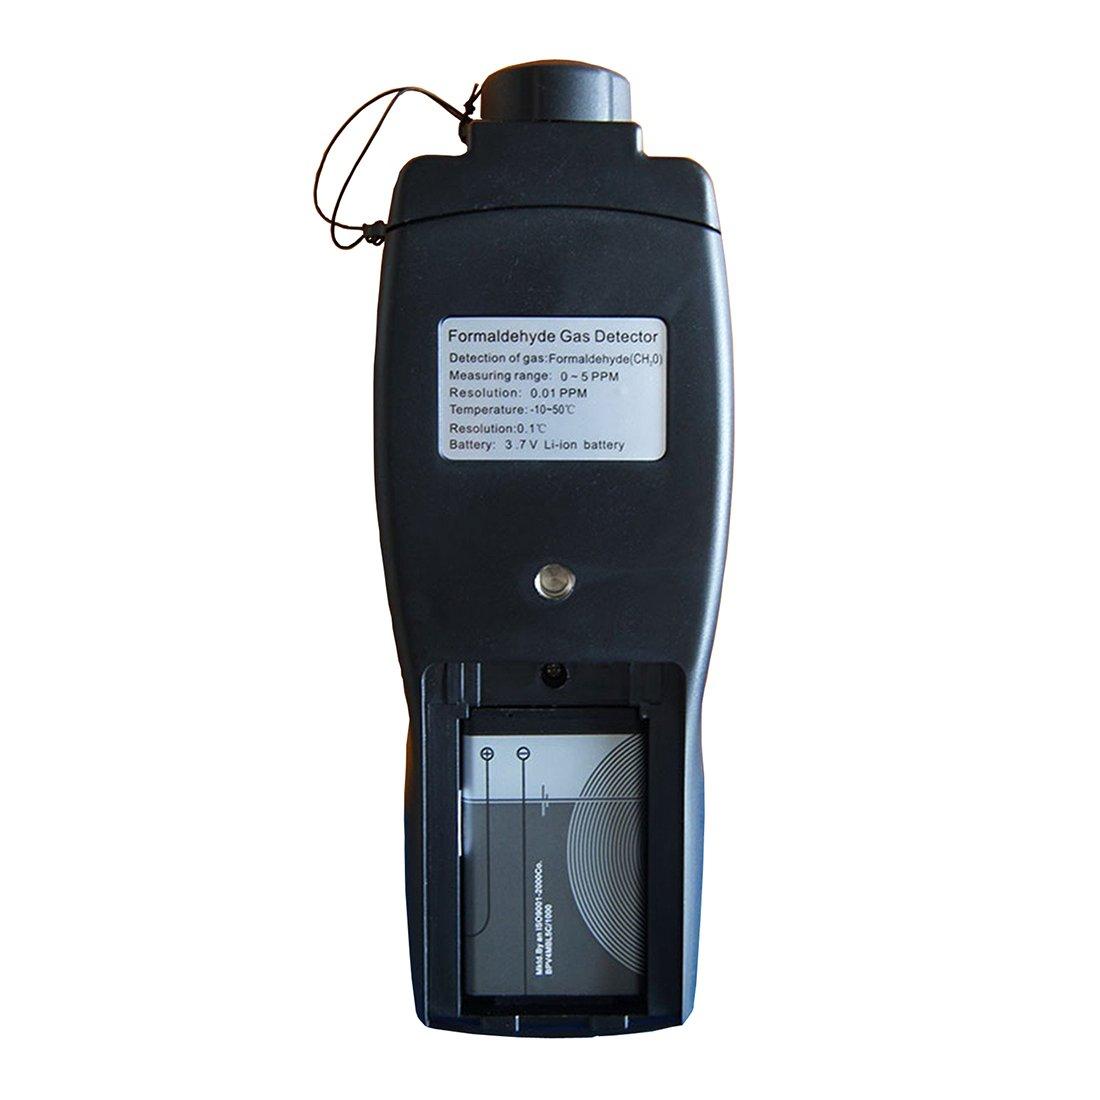 Detector de formaldehído químico de mano para uso doméstico, equipo de pruebas de calidad de aire interior AR8600: Amazon.es: Bricolaje y herramientas